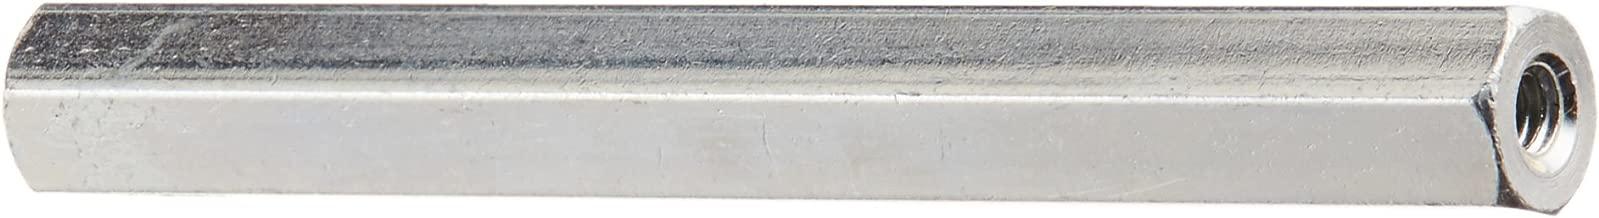 Lyn-Tron, Steel, Female, Zinc Plated, 2-56 Screw Size, 0.187